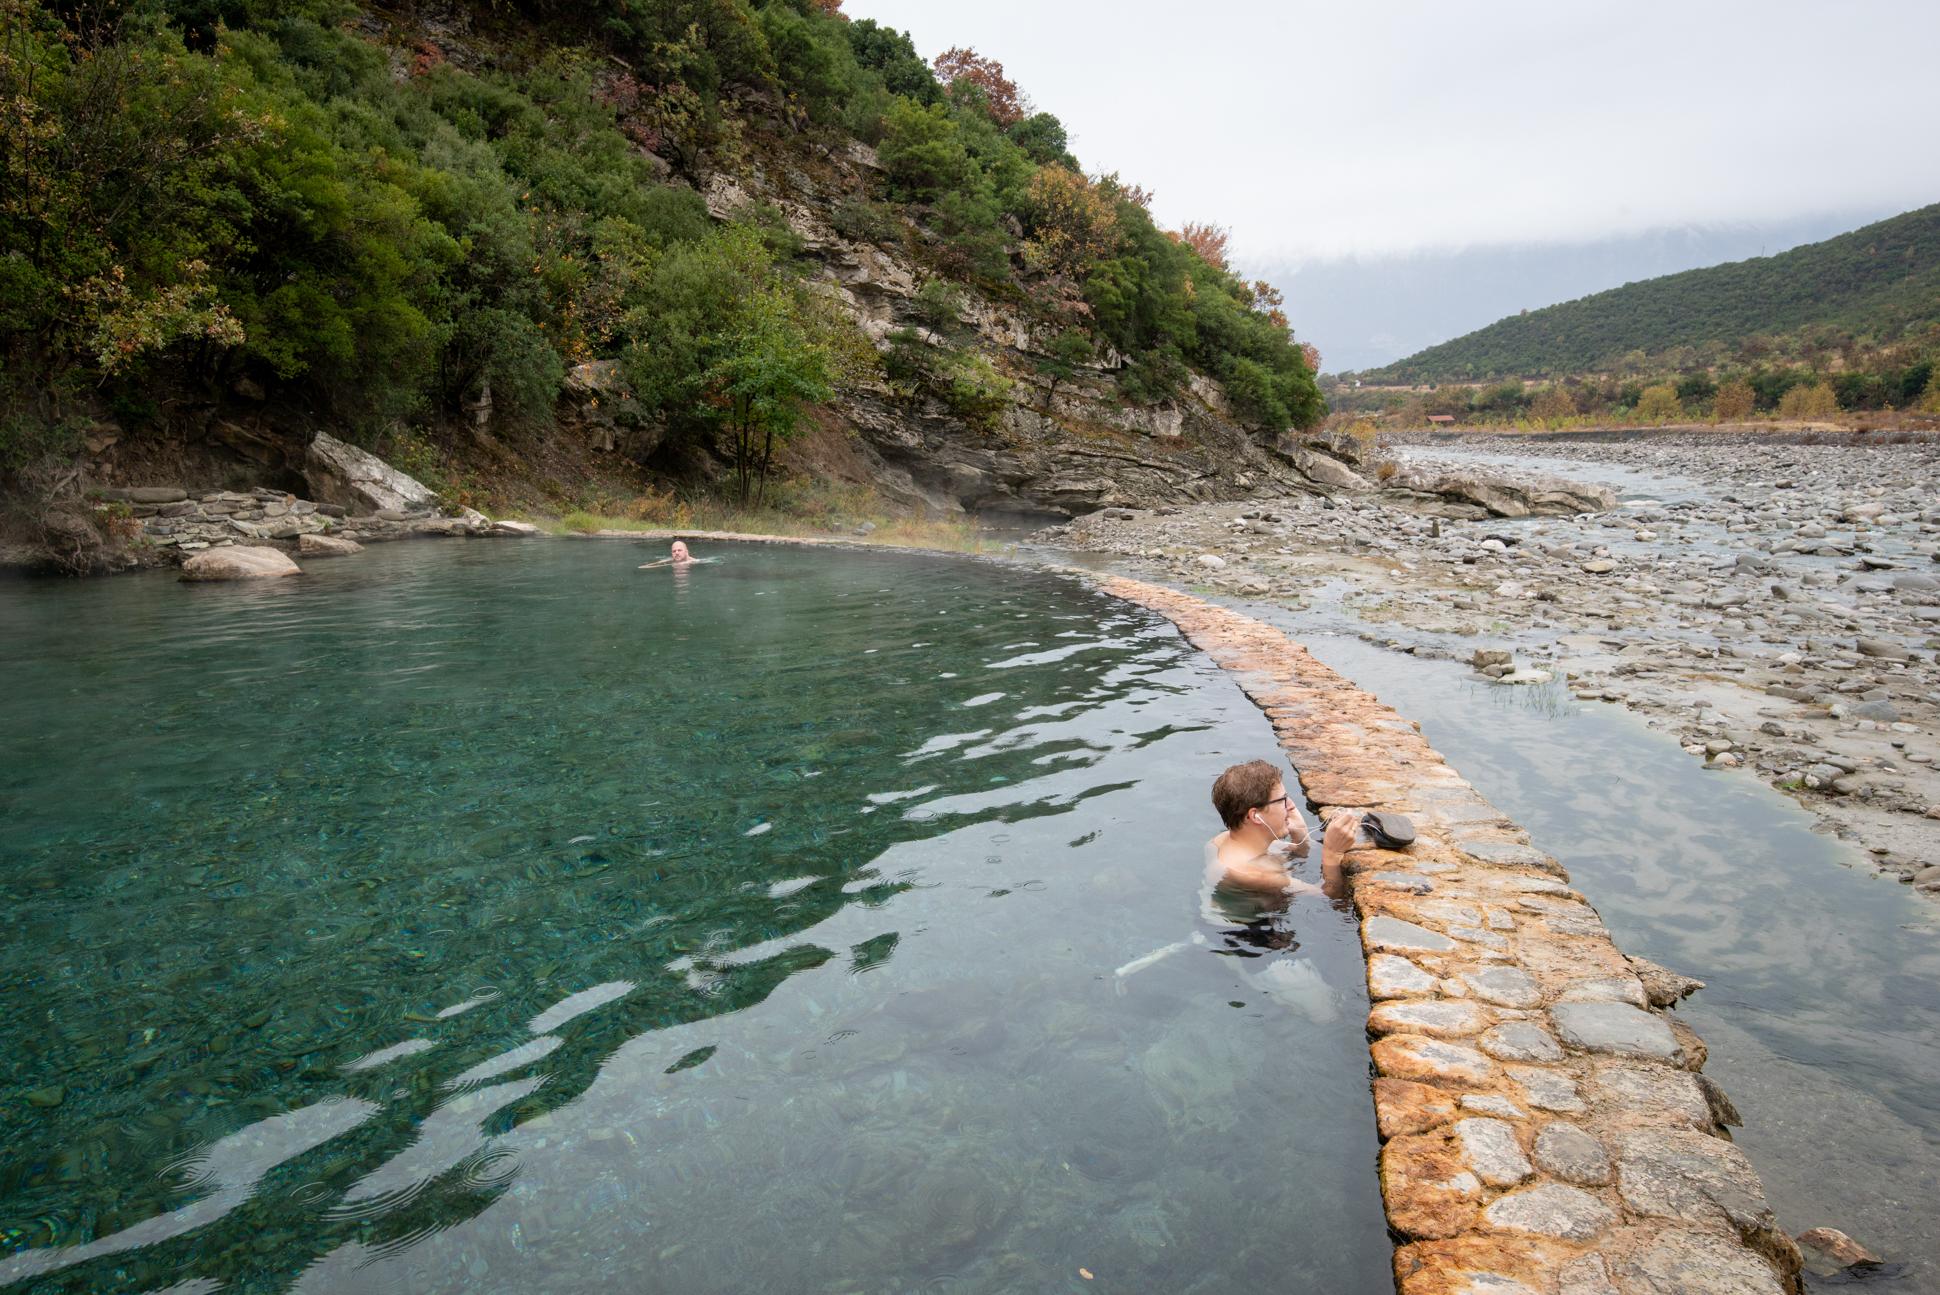 Skype meeting for digital nomad Ellis&me in Benja thermal baths, hotsprings Permet Albania. Ellis Photography.